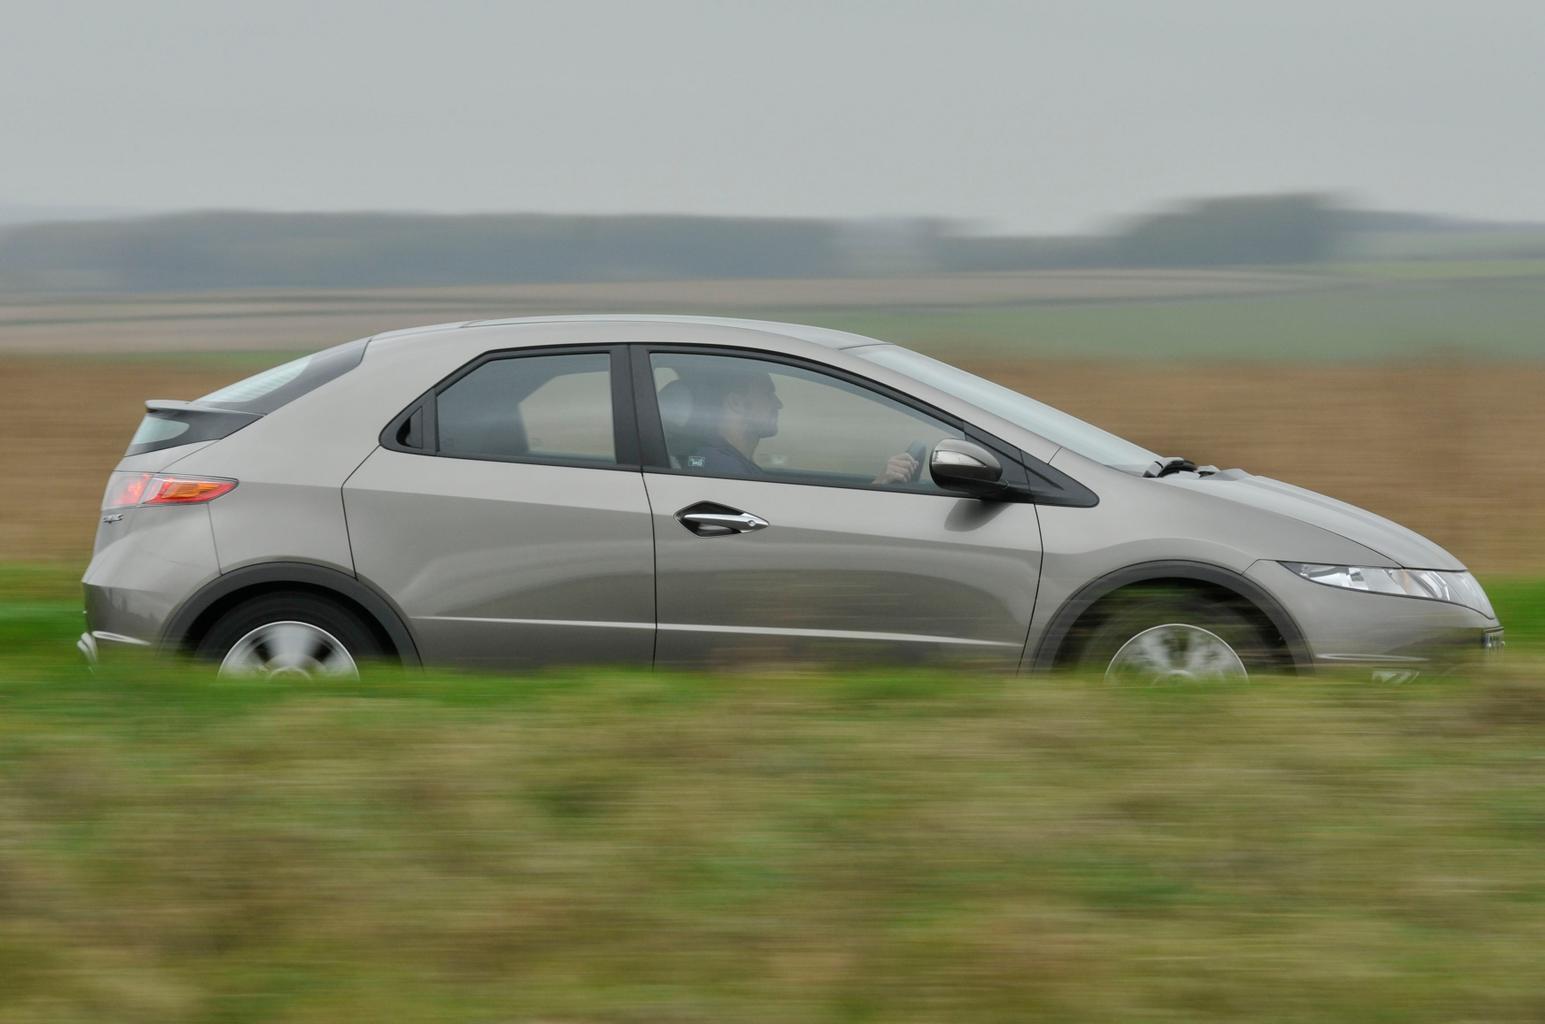 Used test: Honda Civic vs Volkswagen Golf vs Audi A3 vs BMW 1 Series